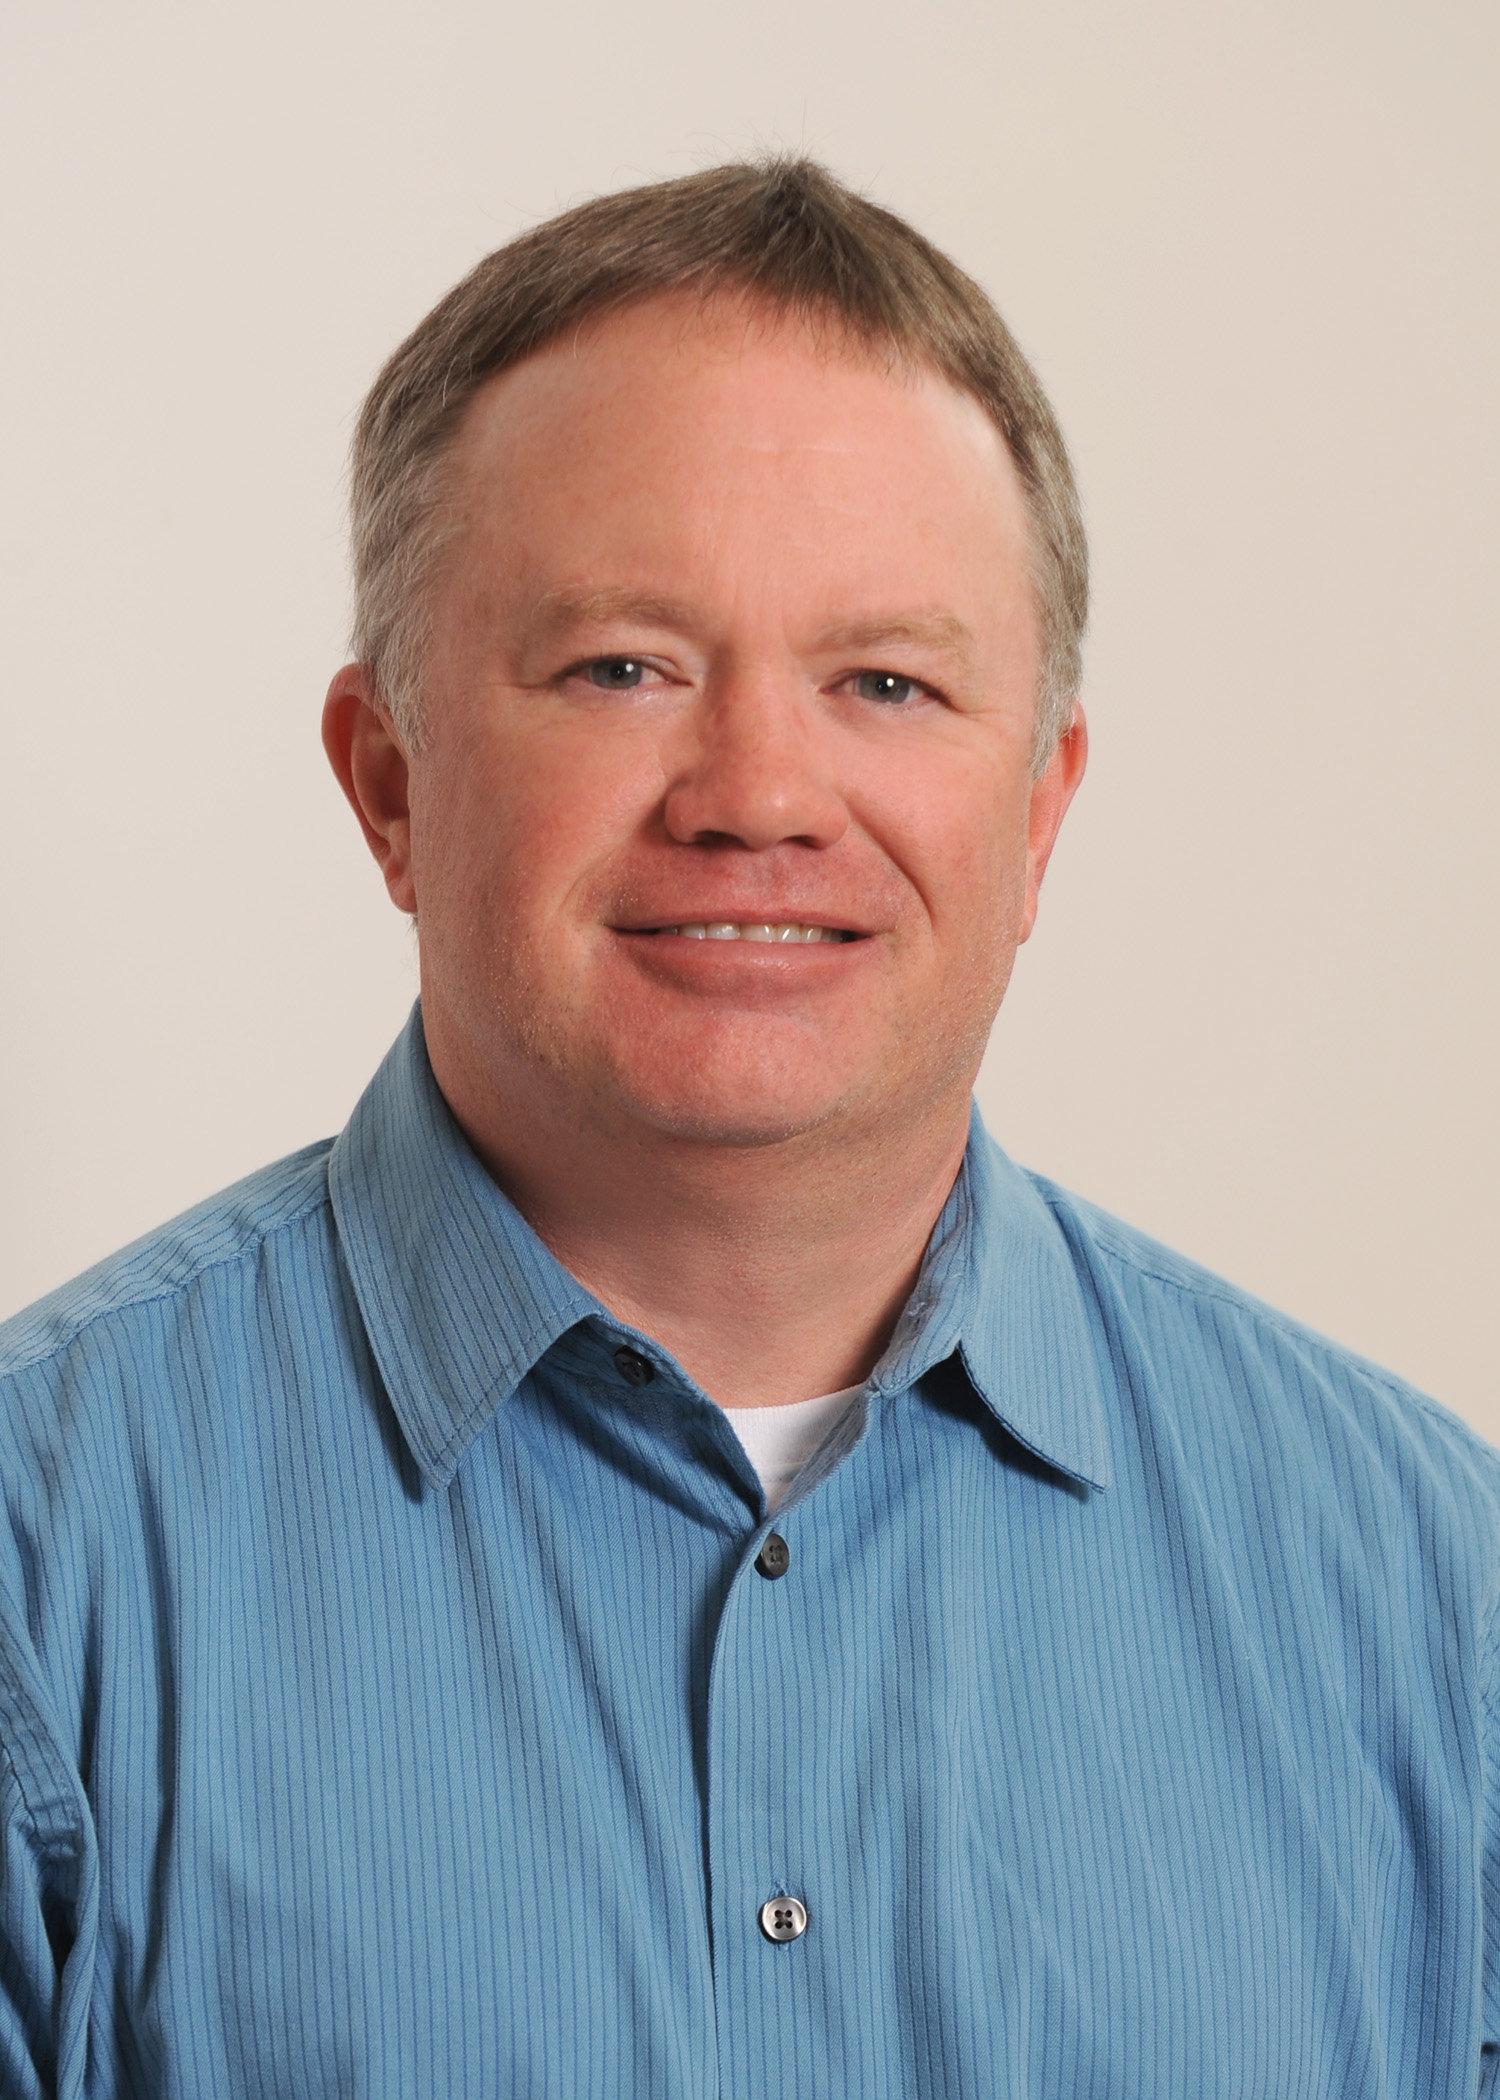 Kurt Morganroth - Honda Sales Manager